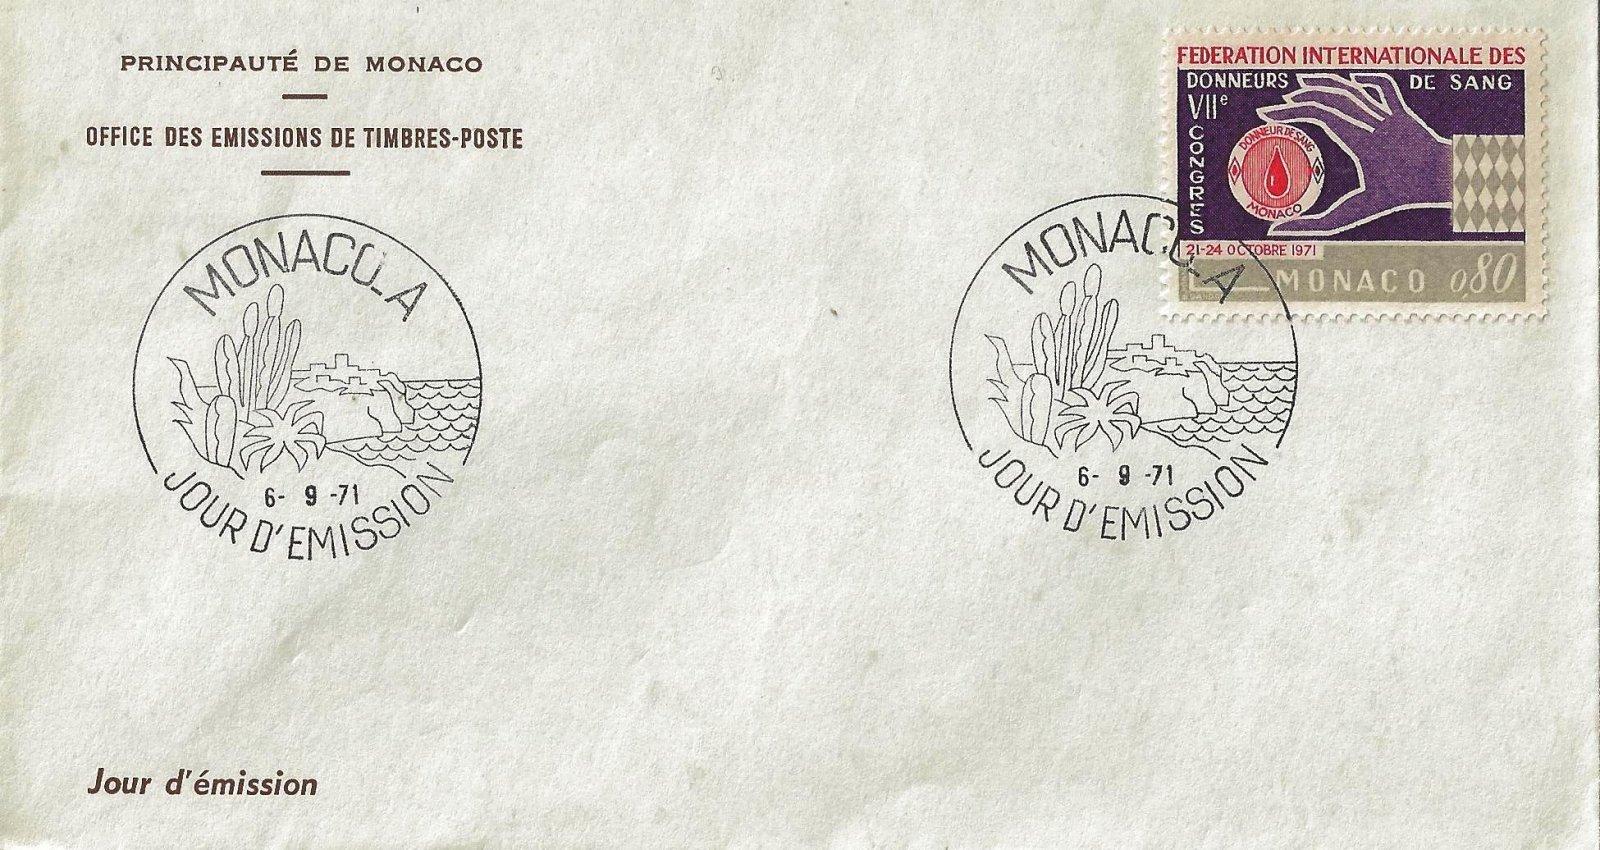 1971 DONNEURS SANG MONACO